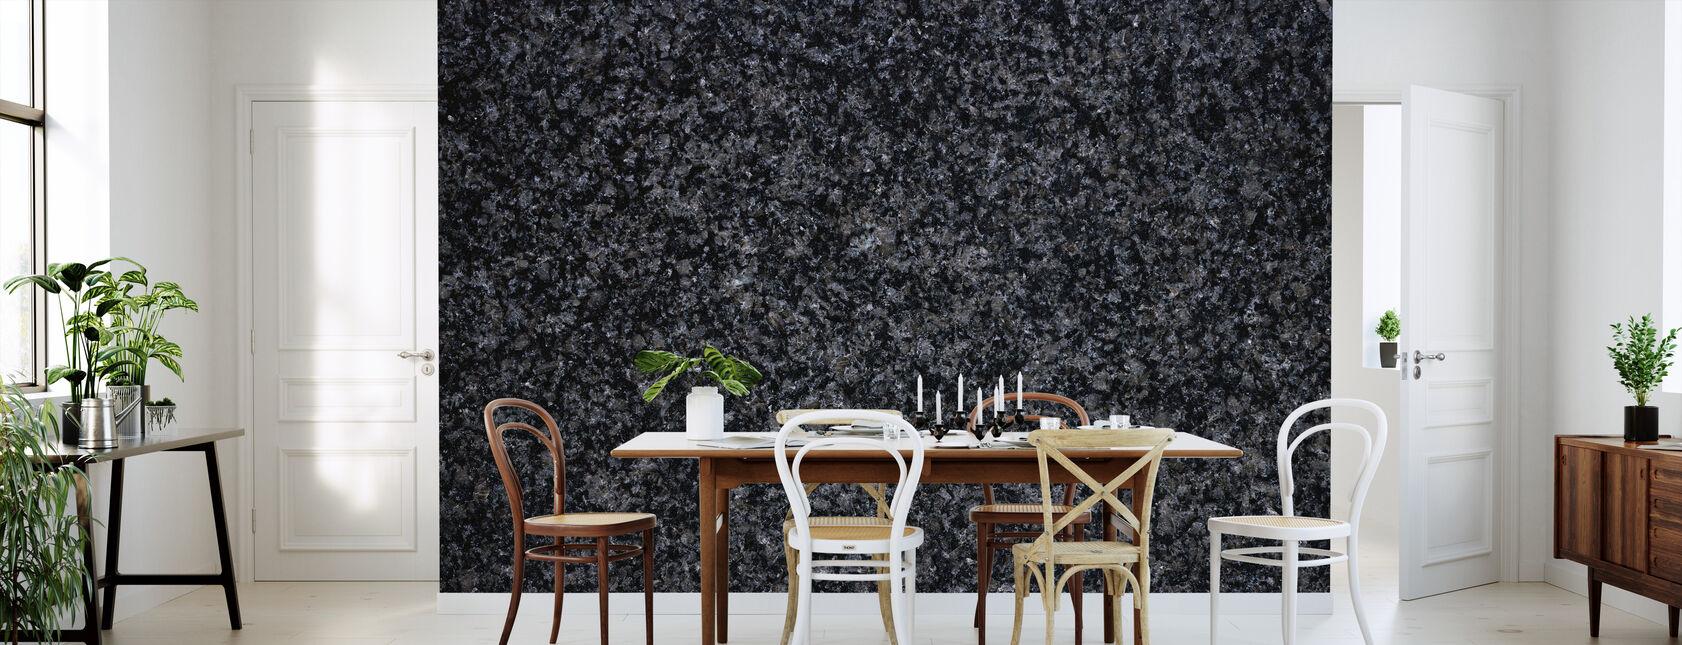 Impala Black Granite - Wallpaper - Kitchen